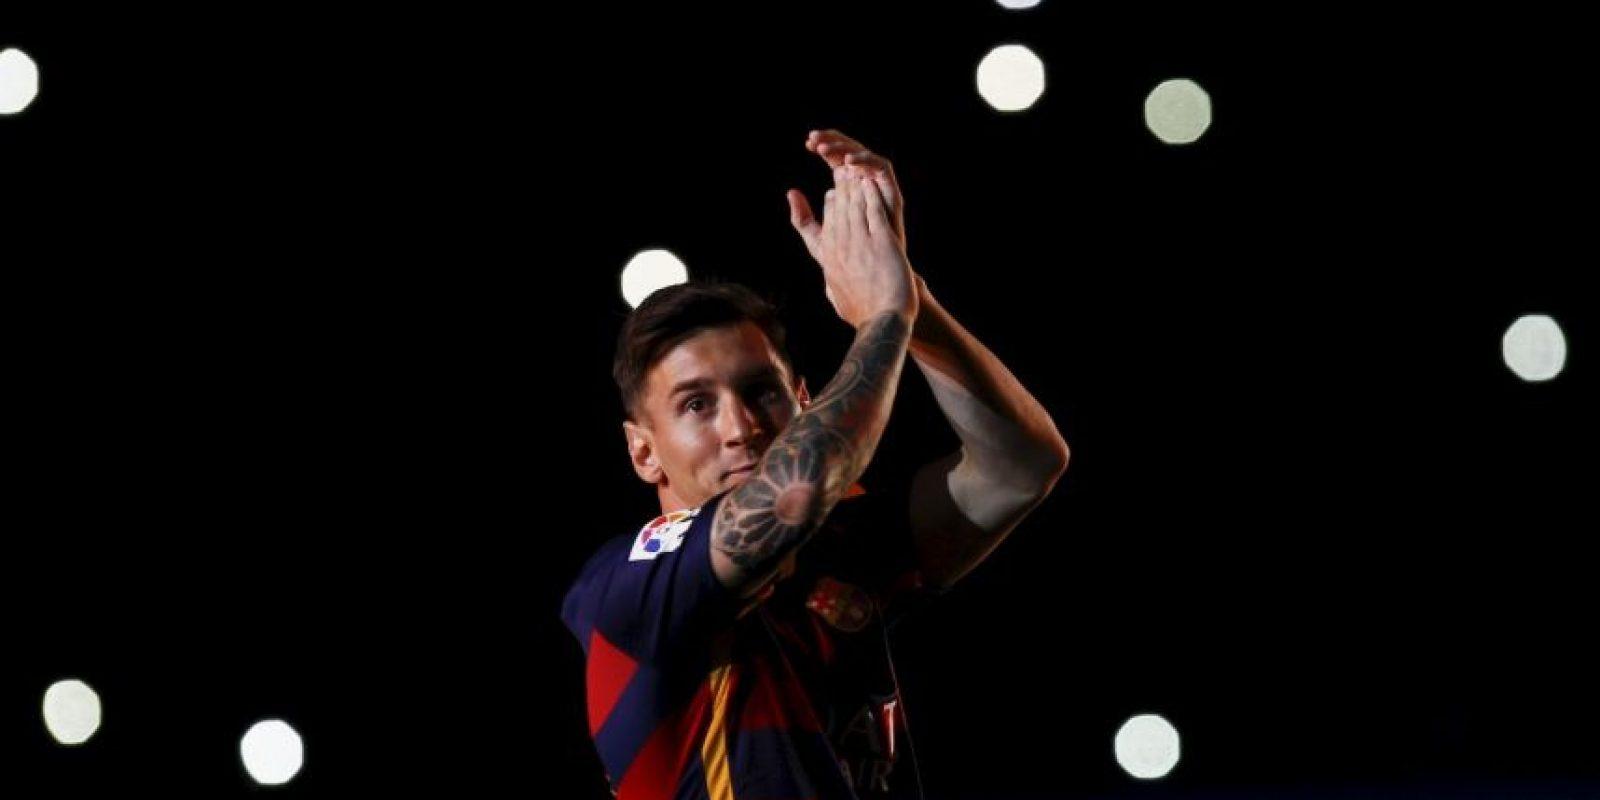 Aunque Lionel Messi siempre ha sido un jugador muy reservado, varias polémicas han encendido su carrera. Foto:AFP